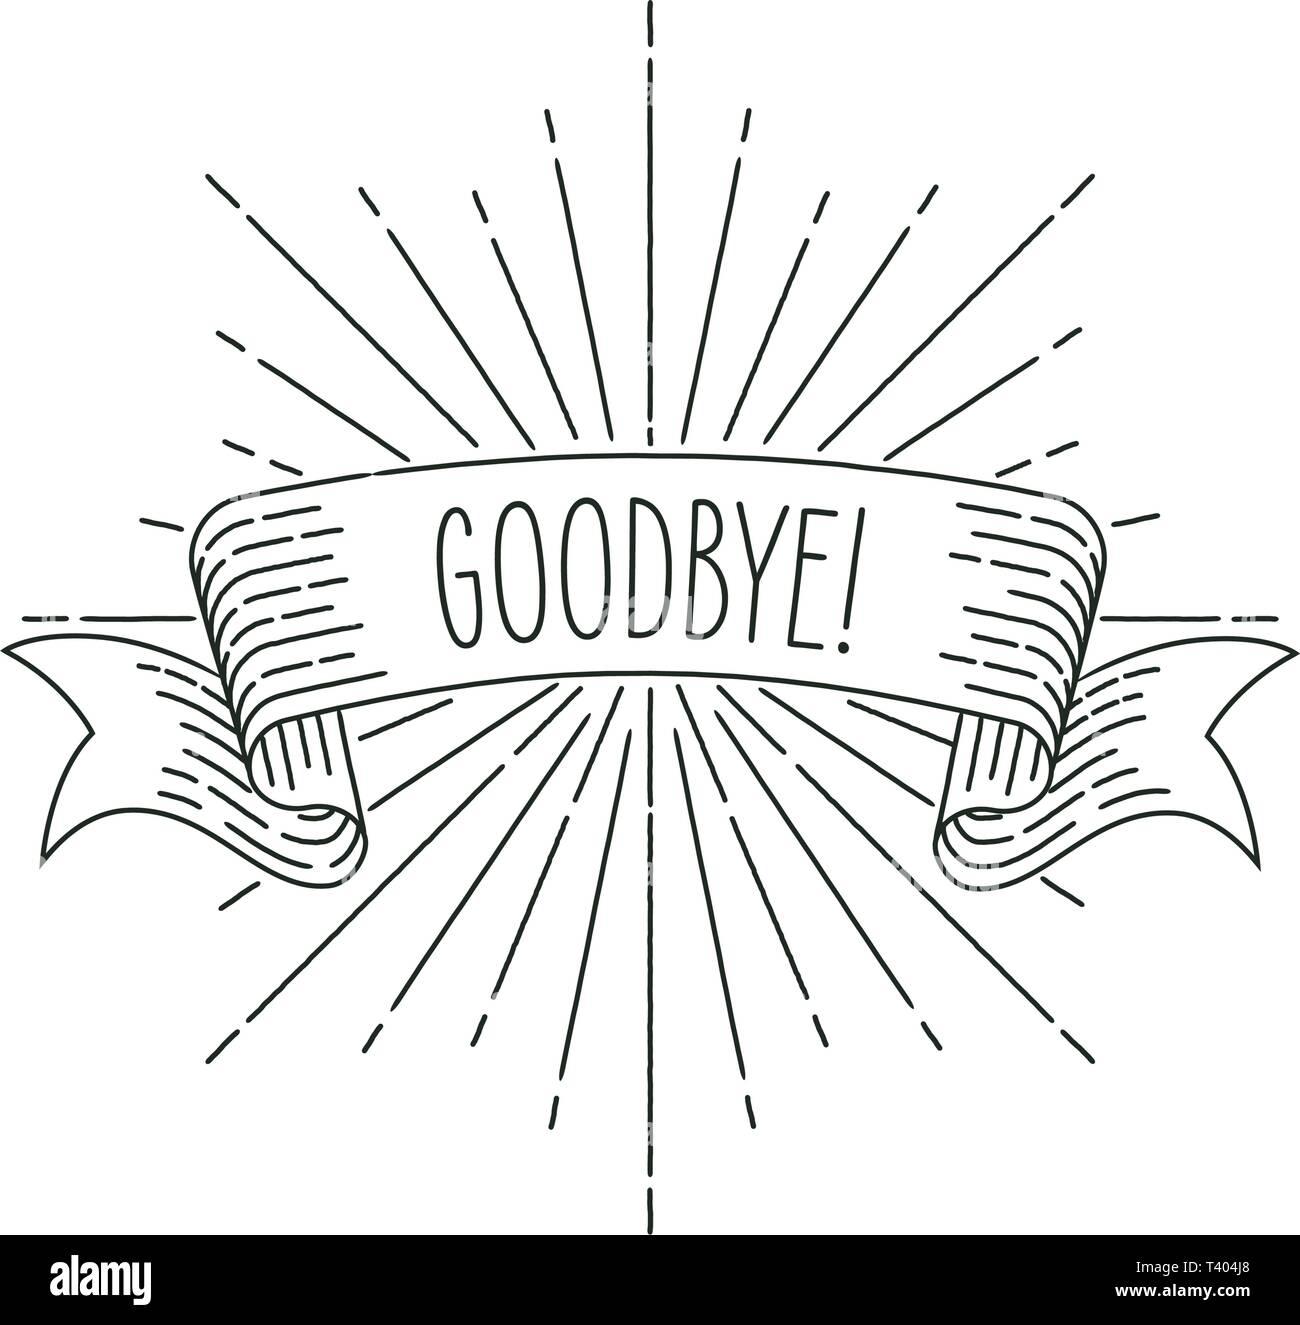 Banner de despedida. Banner de cinta Tarjeta de felicitación en vintage mirar con palabra adiós, grabado estilo gráfico. Elemento de diseño retro. Ilustración vectorial. Imagen De Stock